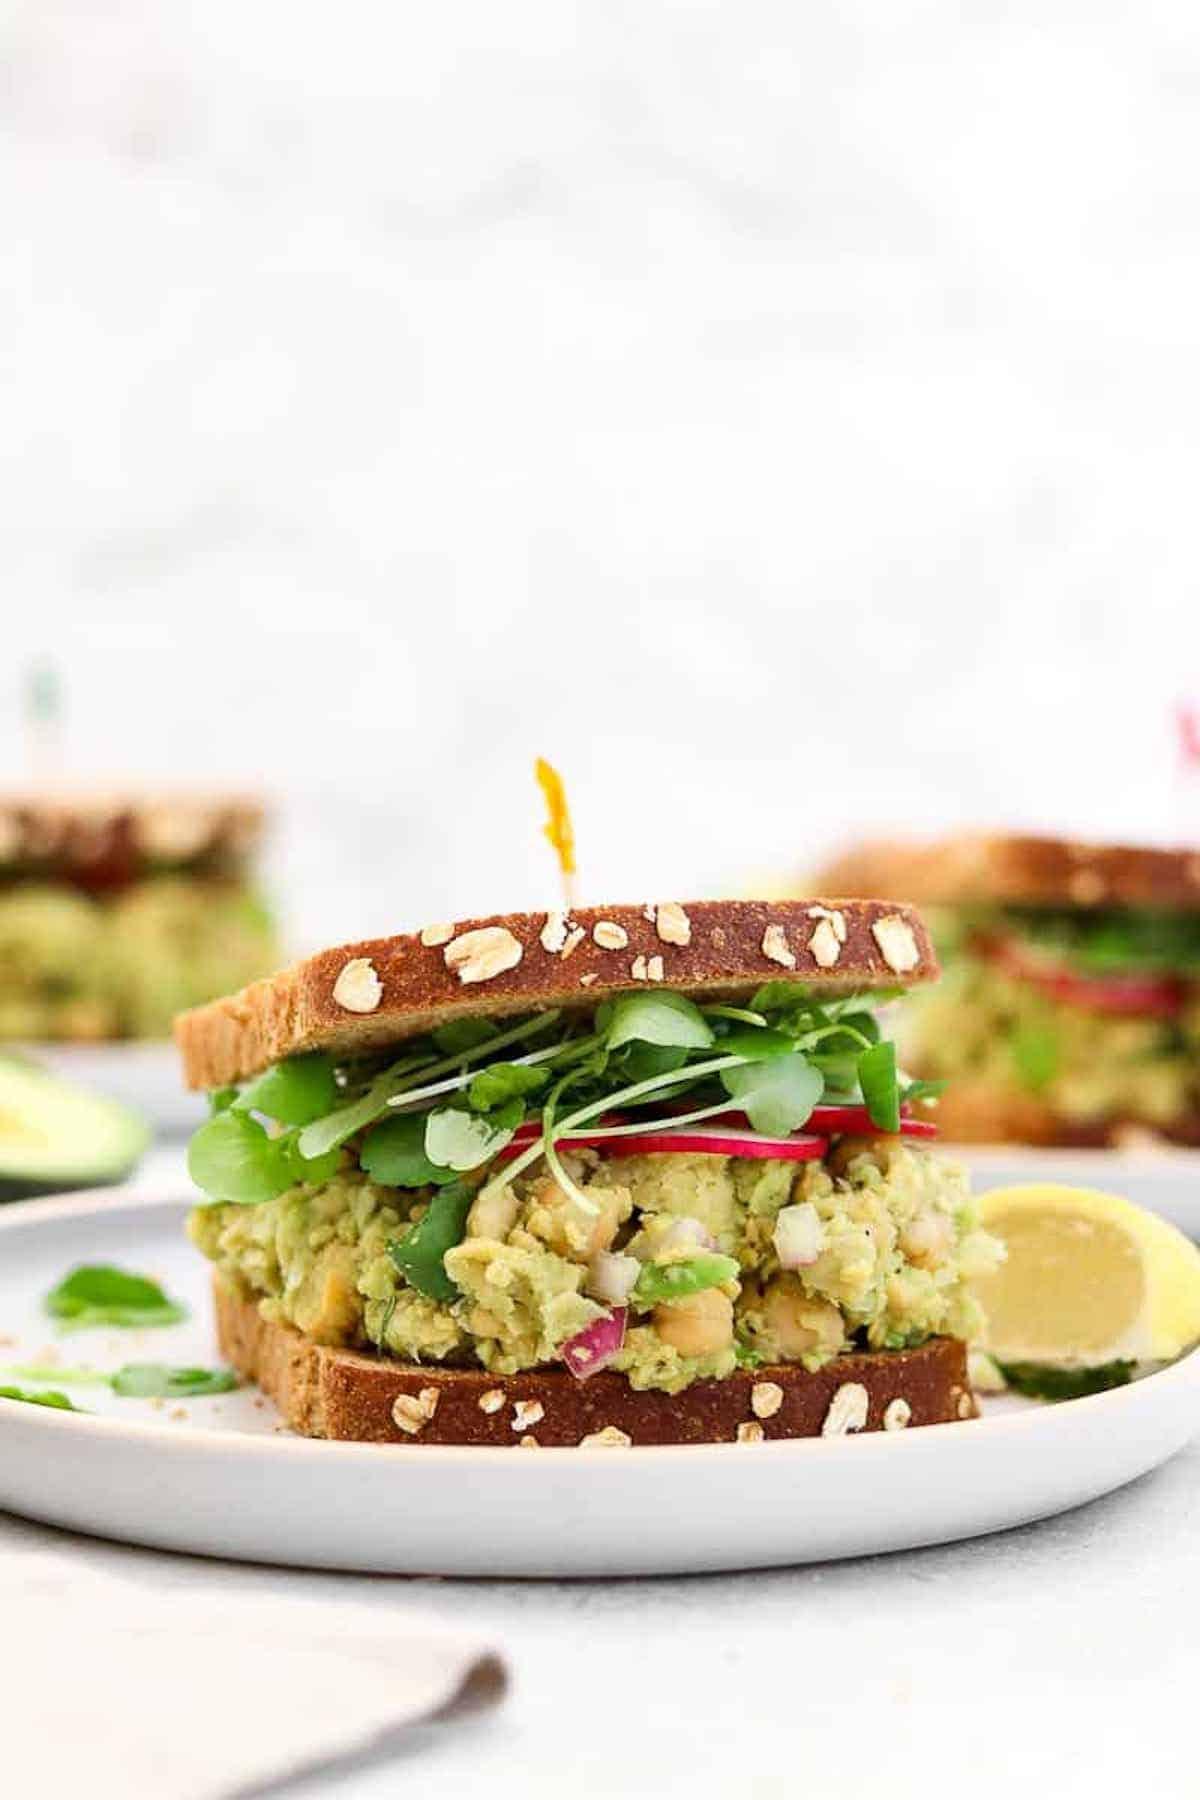 Final recipe in a sandwich on a plate.